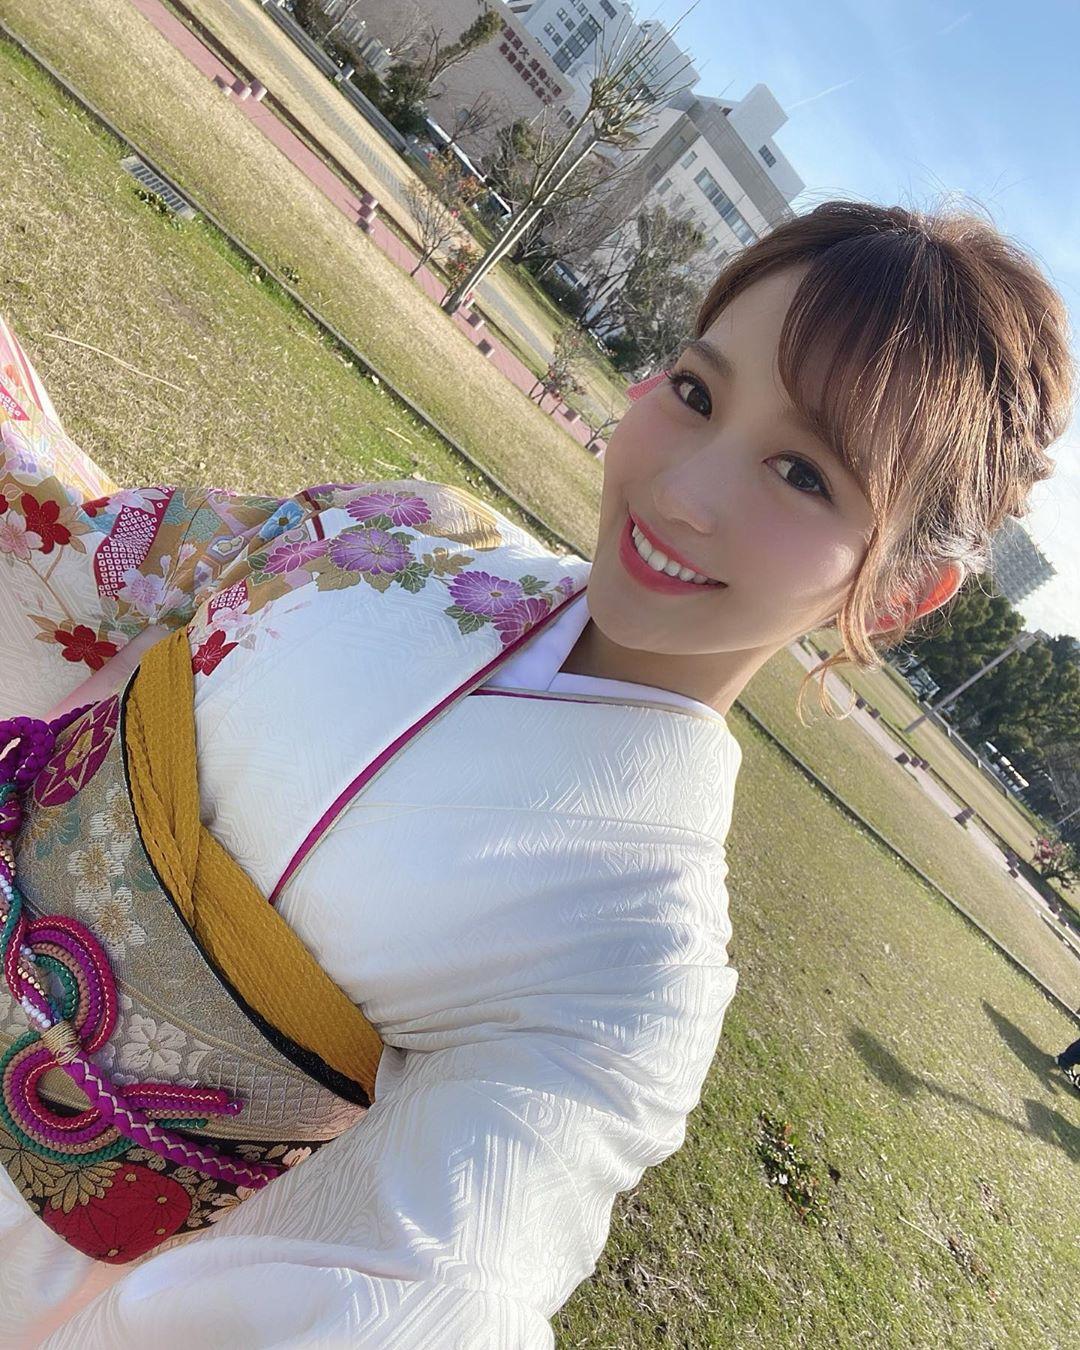 ishihara_yuriko129.jpg